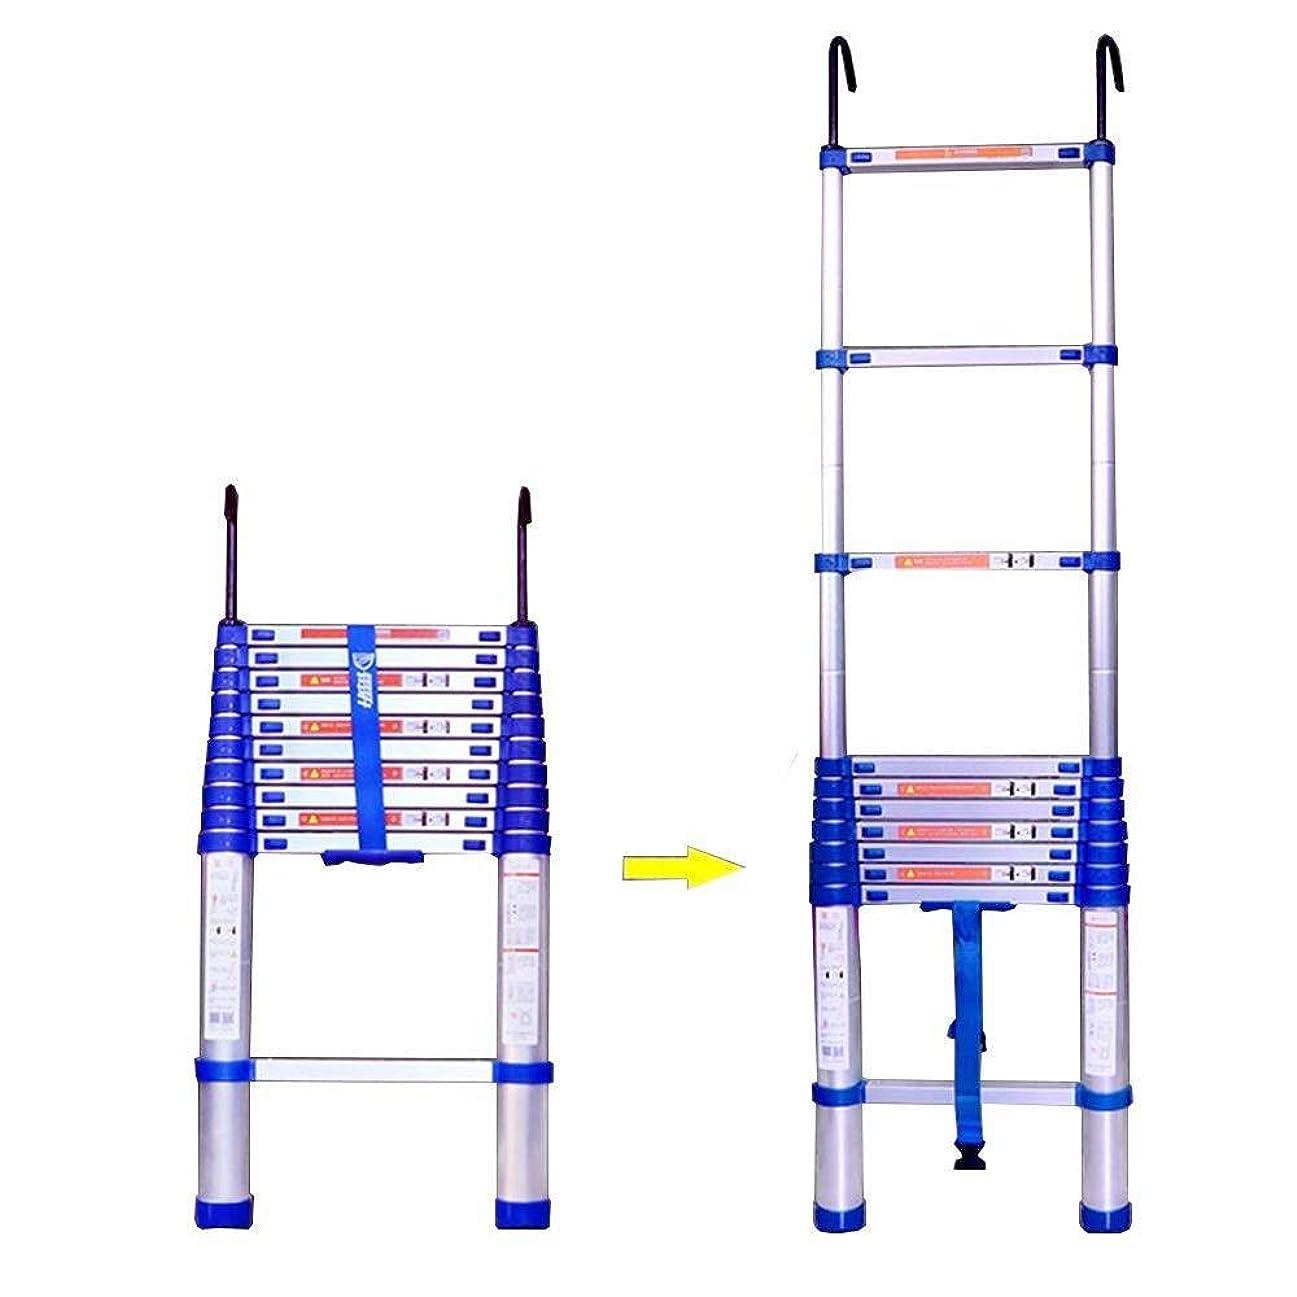 上がる醜い争う伸縮式はしごアルミニウム延長フック付きポータブルポータブルDIY折りたたみロフトオフィスエンジニアリング家庭用ストレート,5.25m(17.2ft)